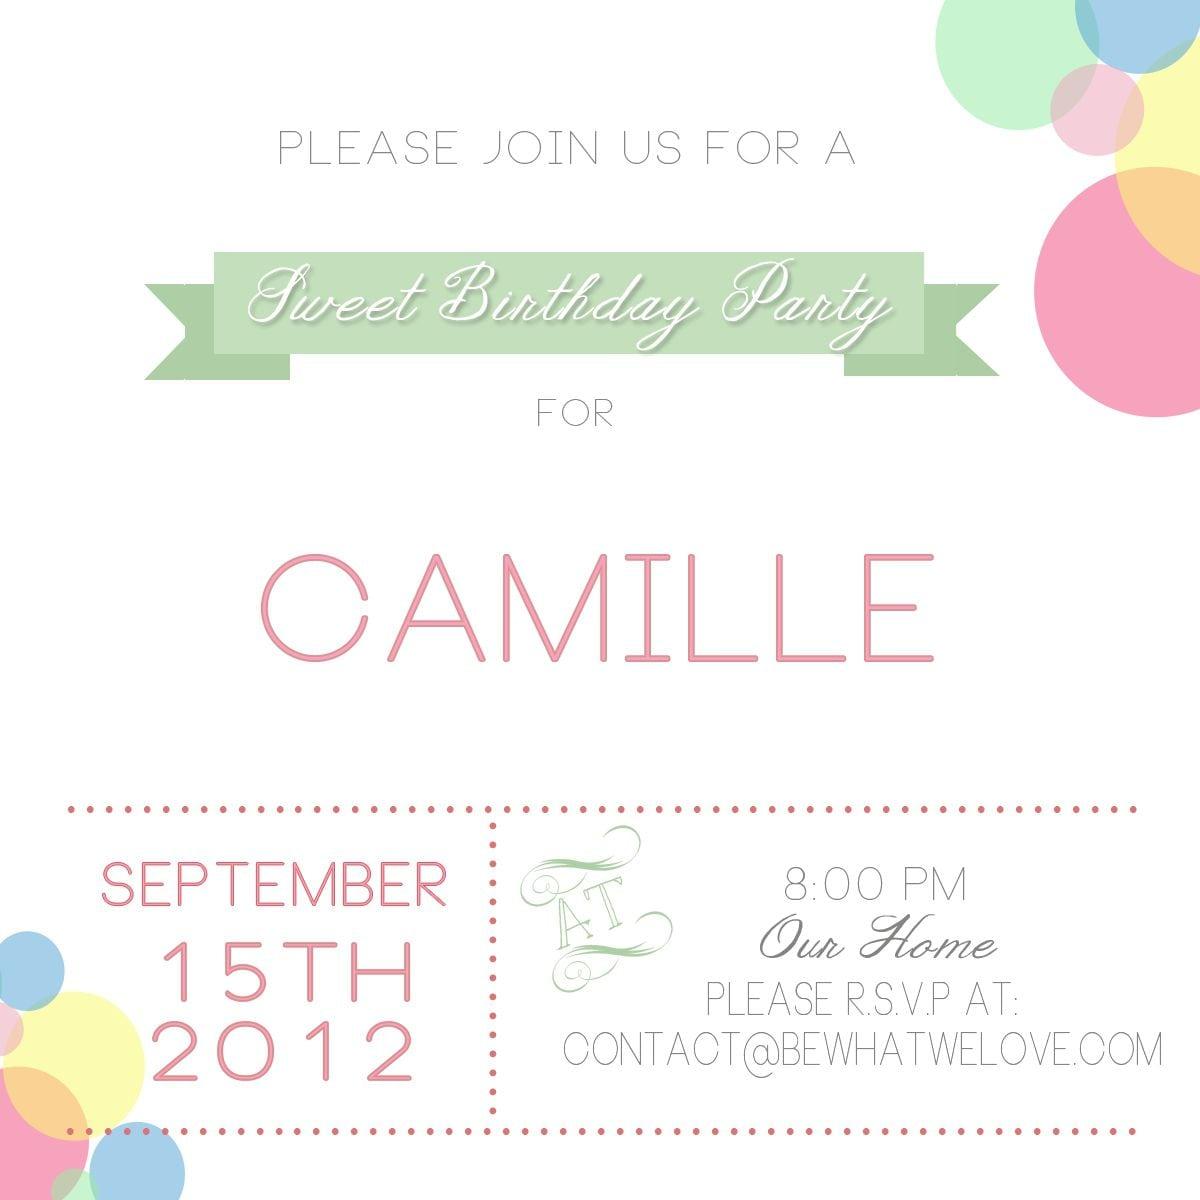 Birthday Invitations   Email Birthday Invites